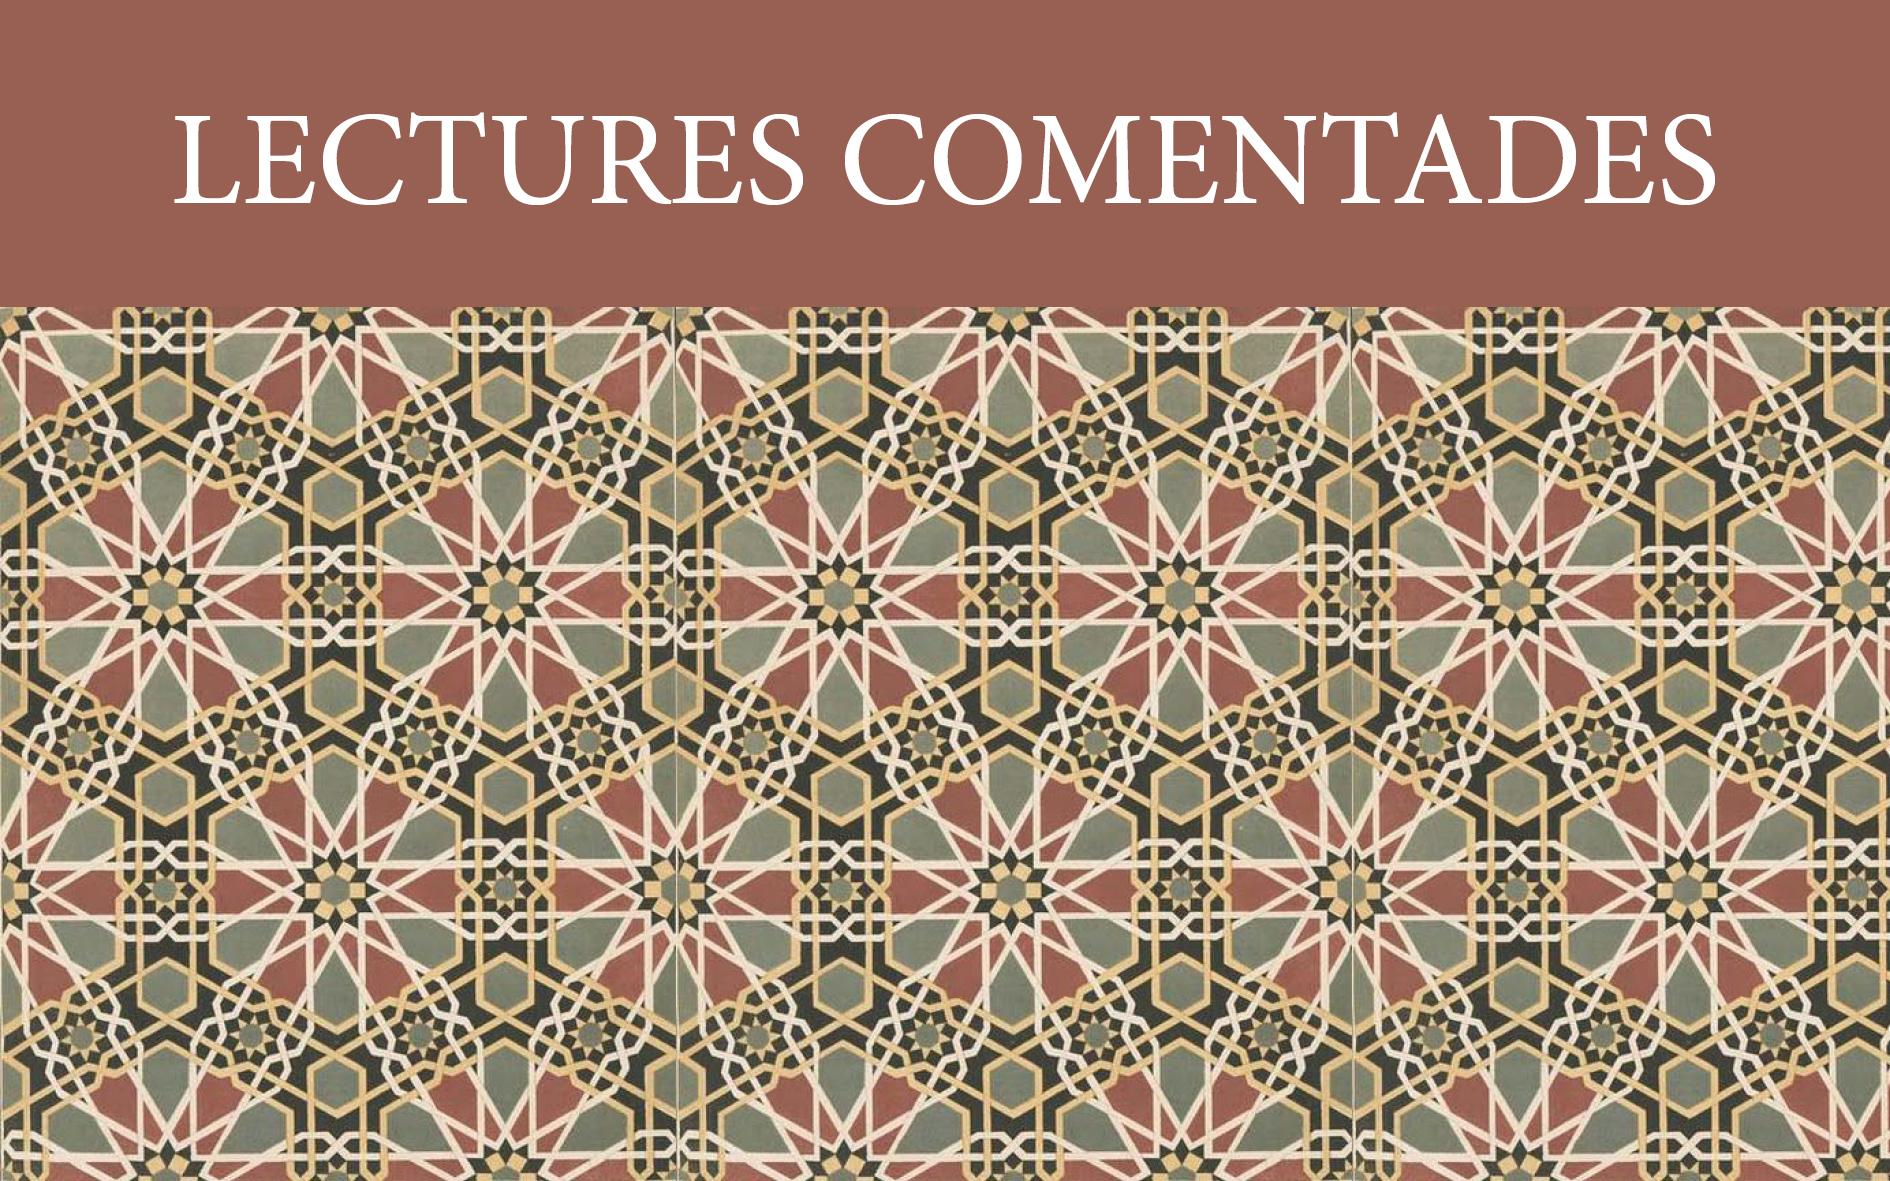 1. LECTURA COMENTADA: EL HOMBRE UNIVERSAL DE AL-YILI (extractes)